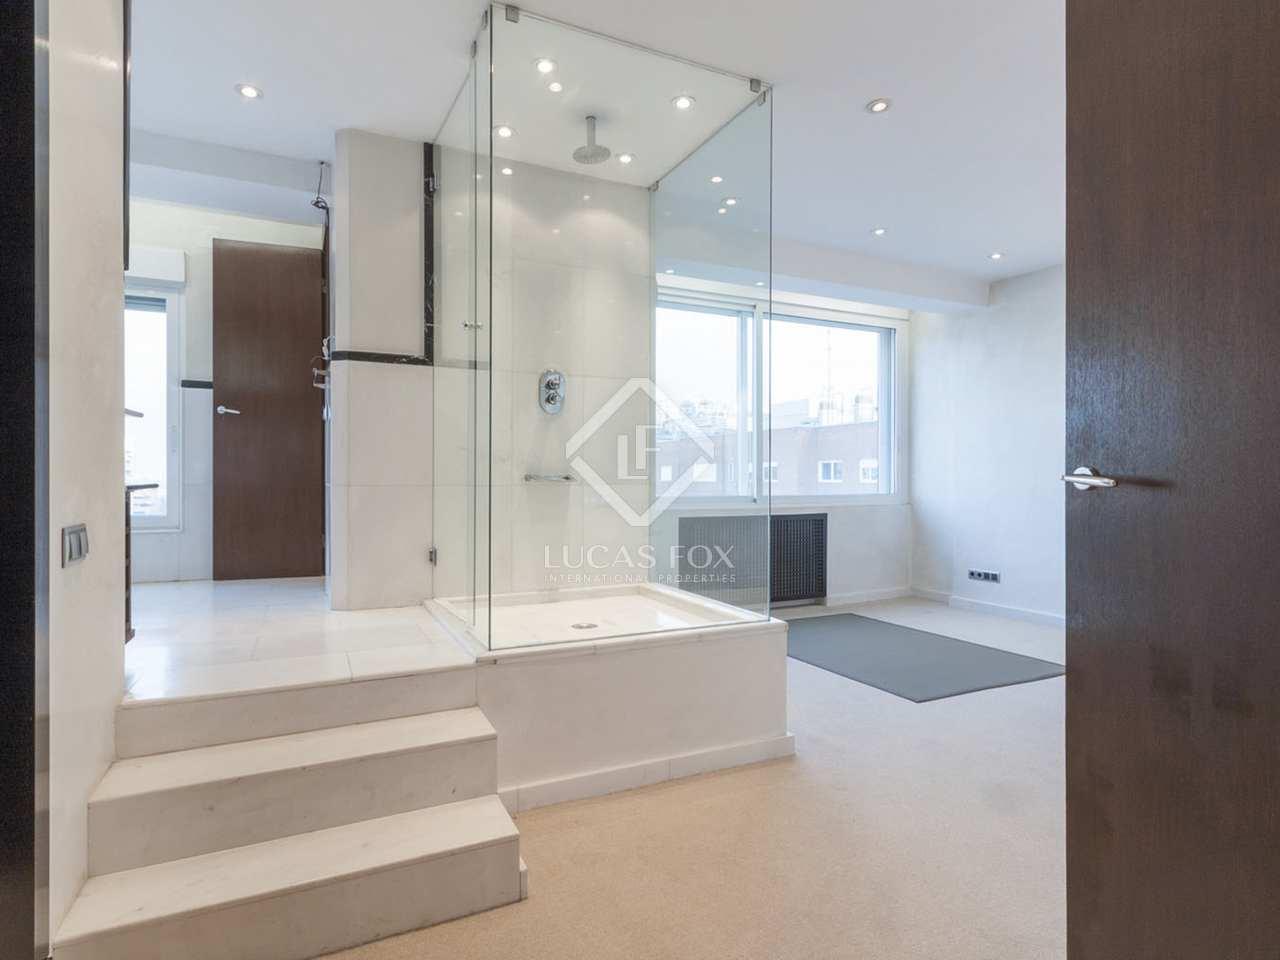 250m wohnung zum verkauf in nueva espa a madrid. Black Bedroom Furniture Sets. Home Design Ideas